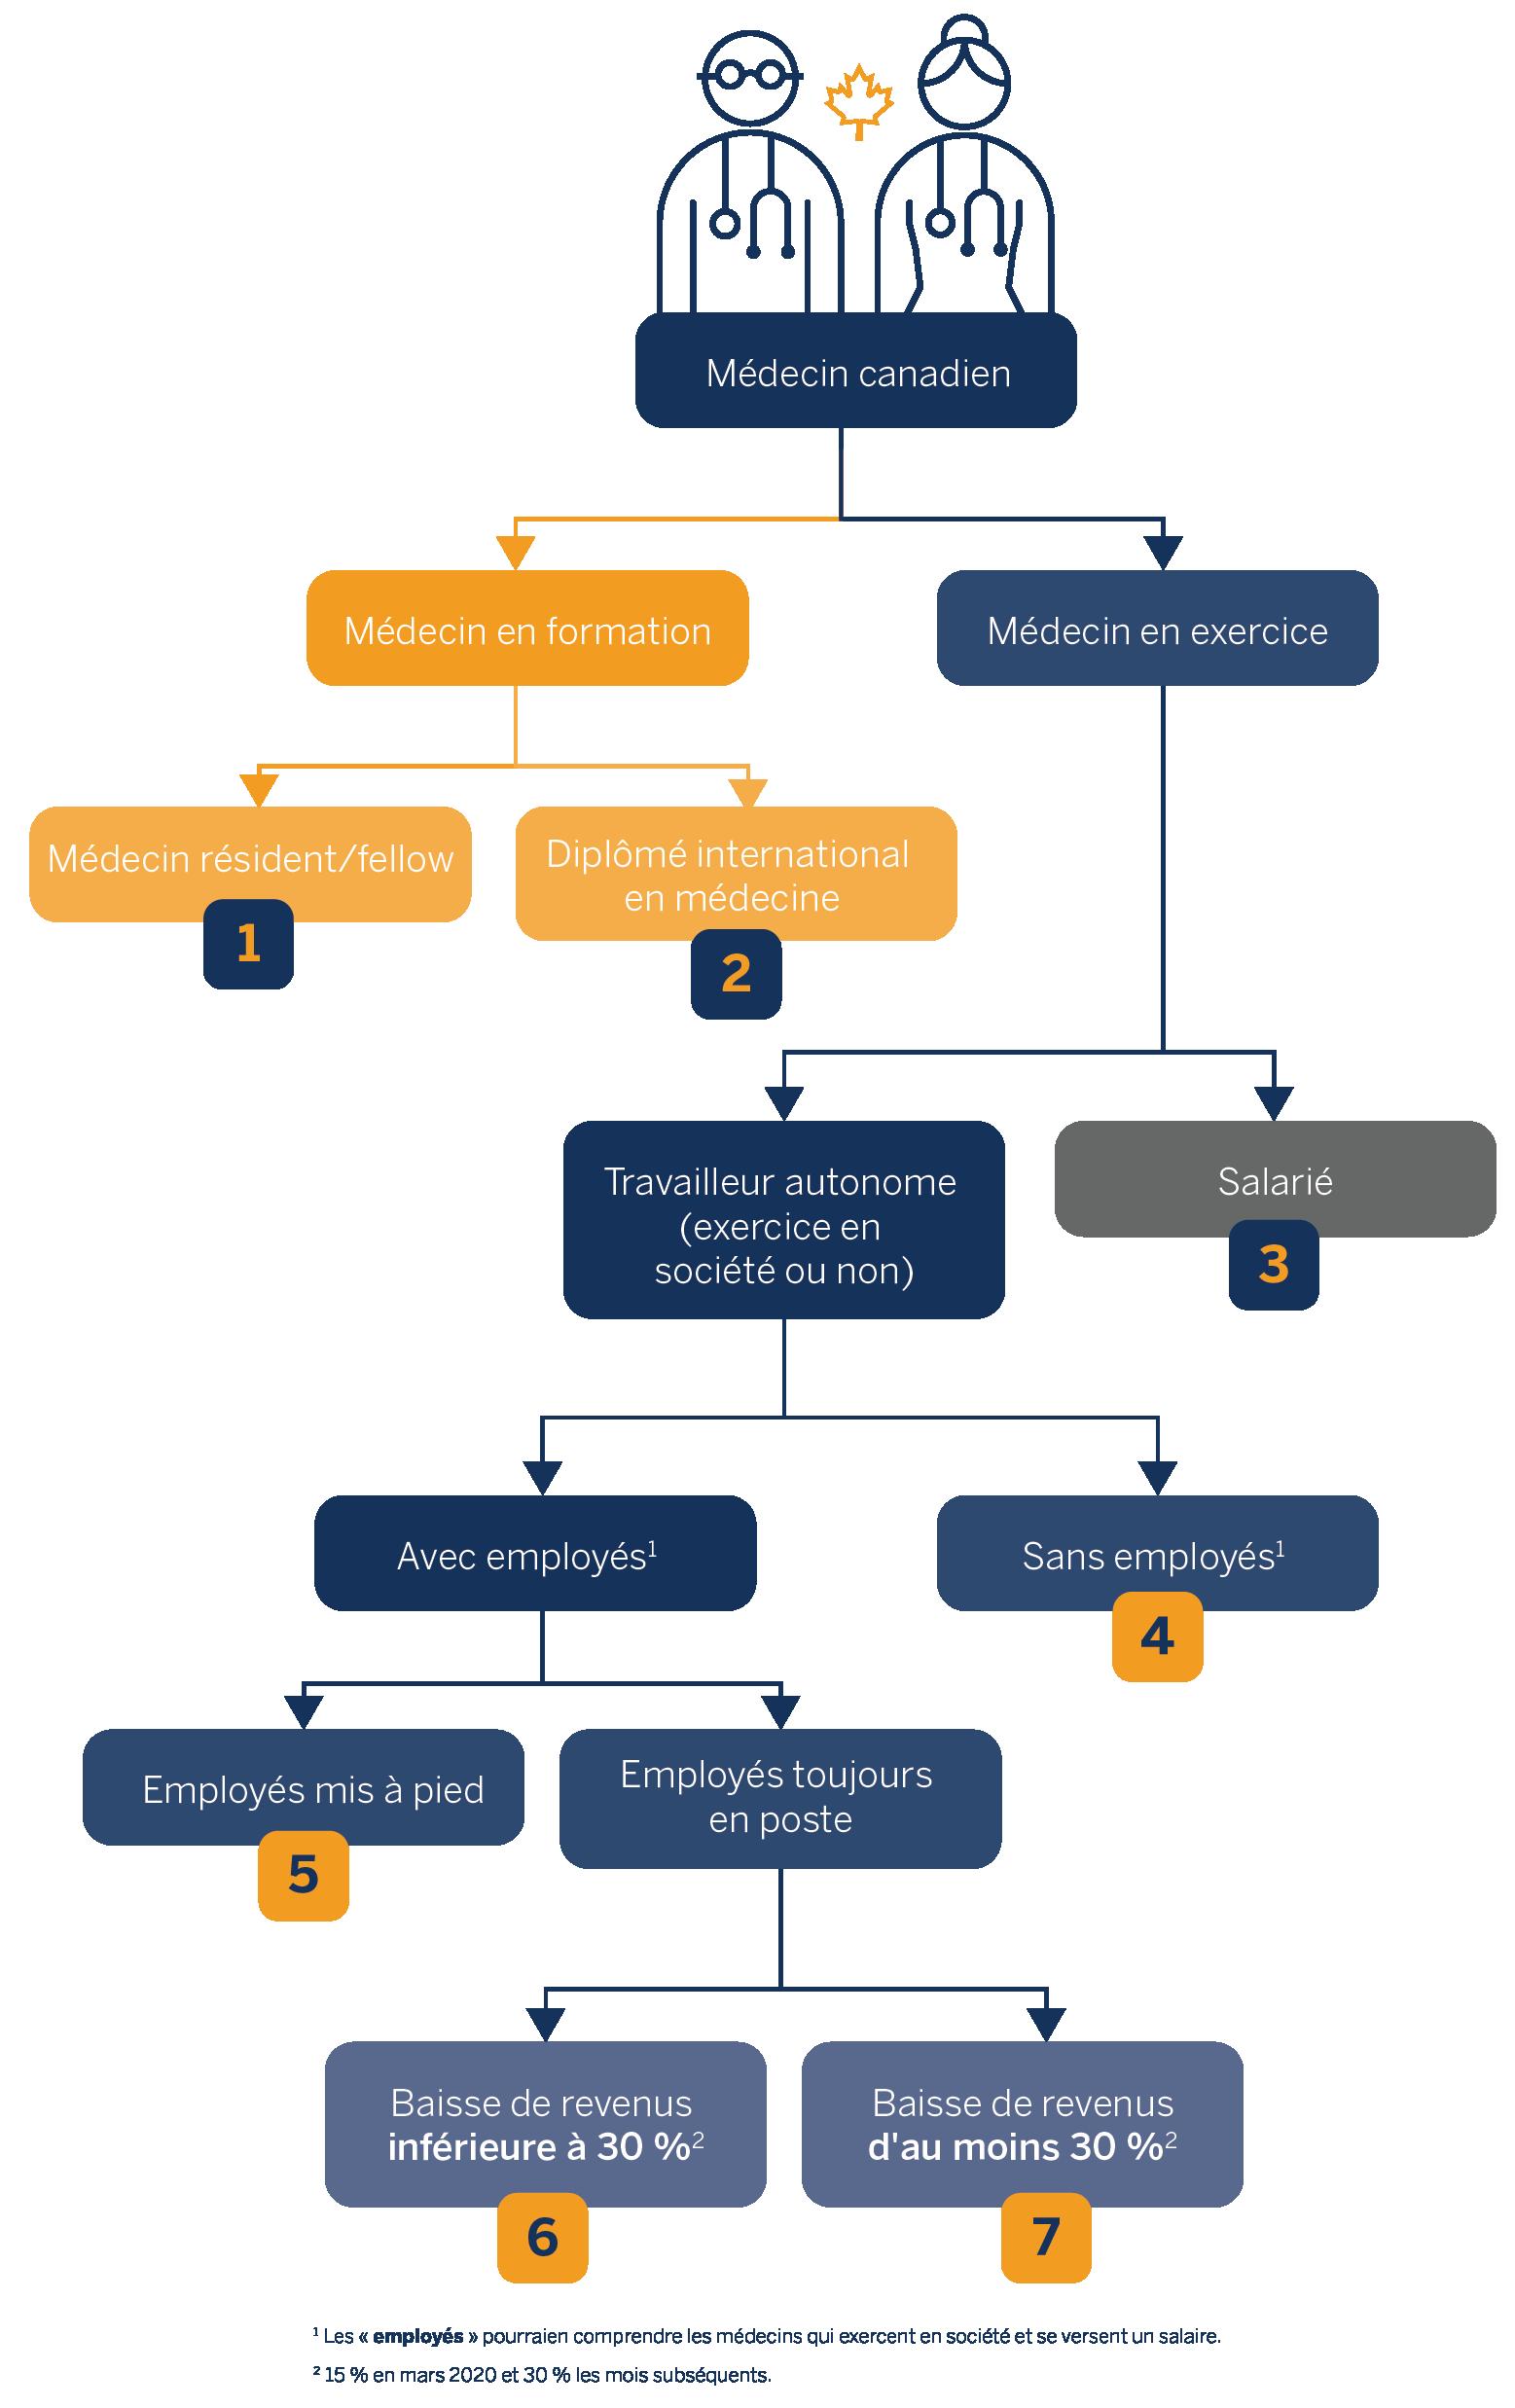 Le schéma illustre les différentes situations dans lesquelles les médecins peuvent se trouver. Il y a d'abord deux branches, celle du médecin en formation et celle du médecin en exercice. La branche du médecin en exercice se divise ensuite en deux autres branches, celle du travailleur autonome (exercice en société ou non) et celle du salarié, et ainsi de suite.